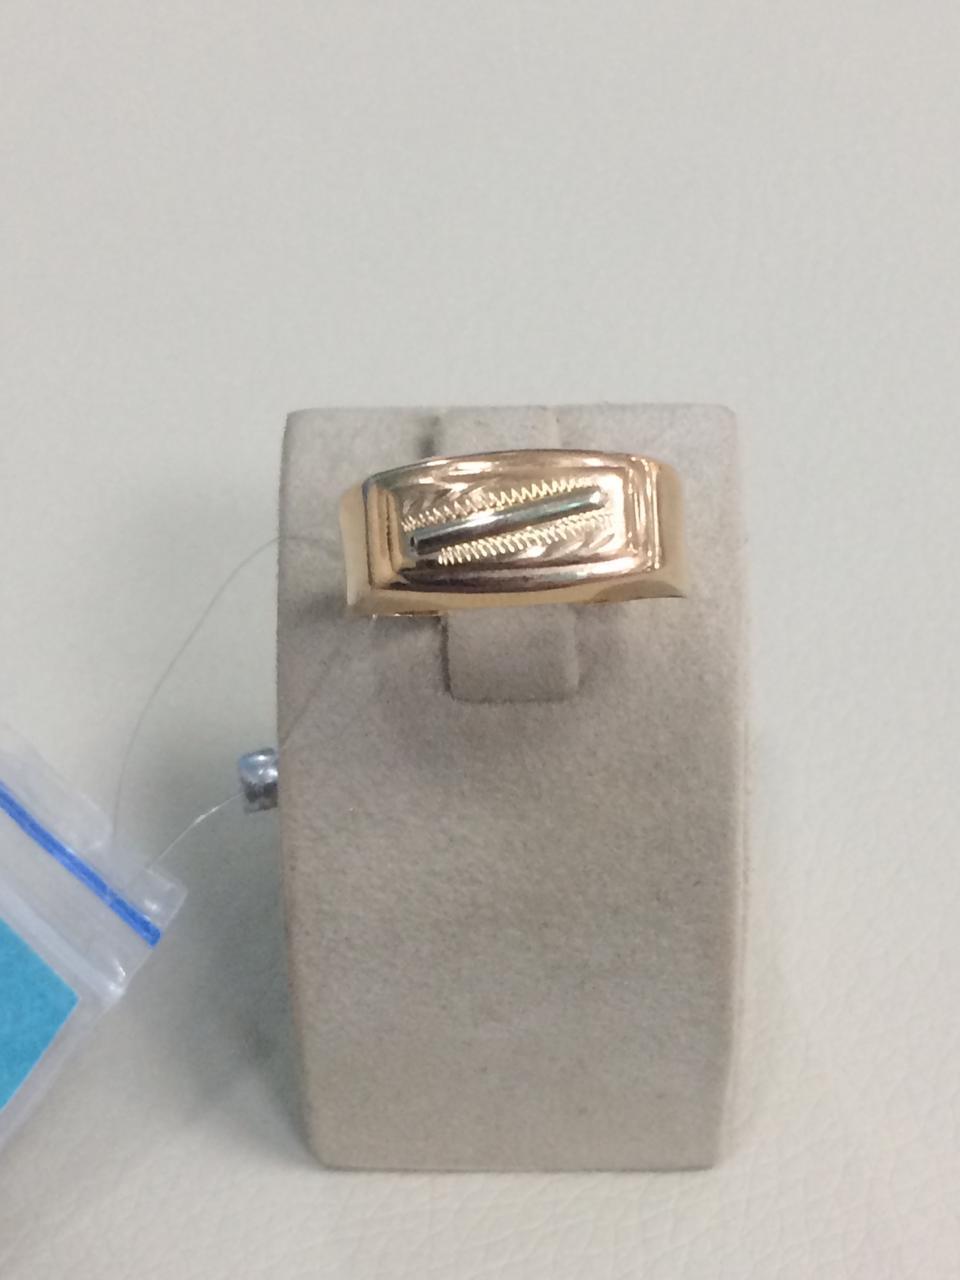 Кольцо мужское / красное золото - 20 размер - фото 1